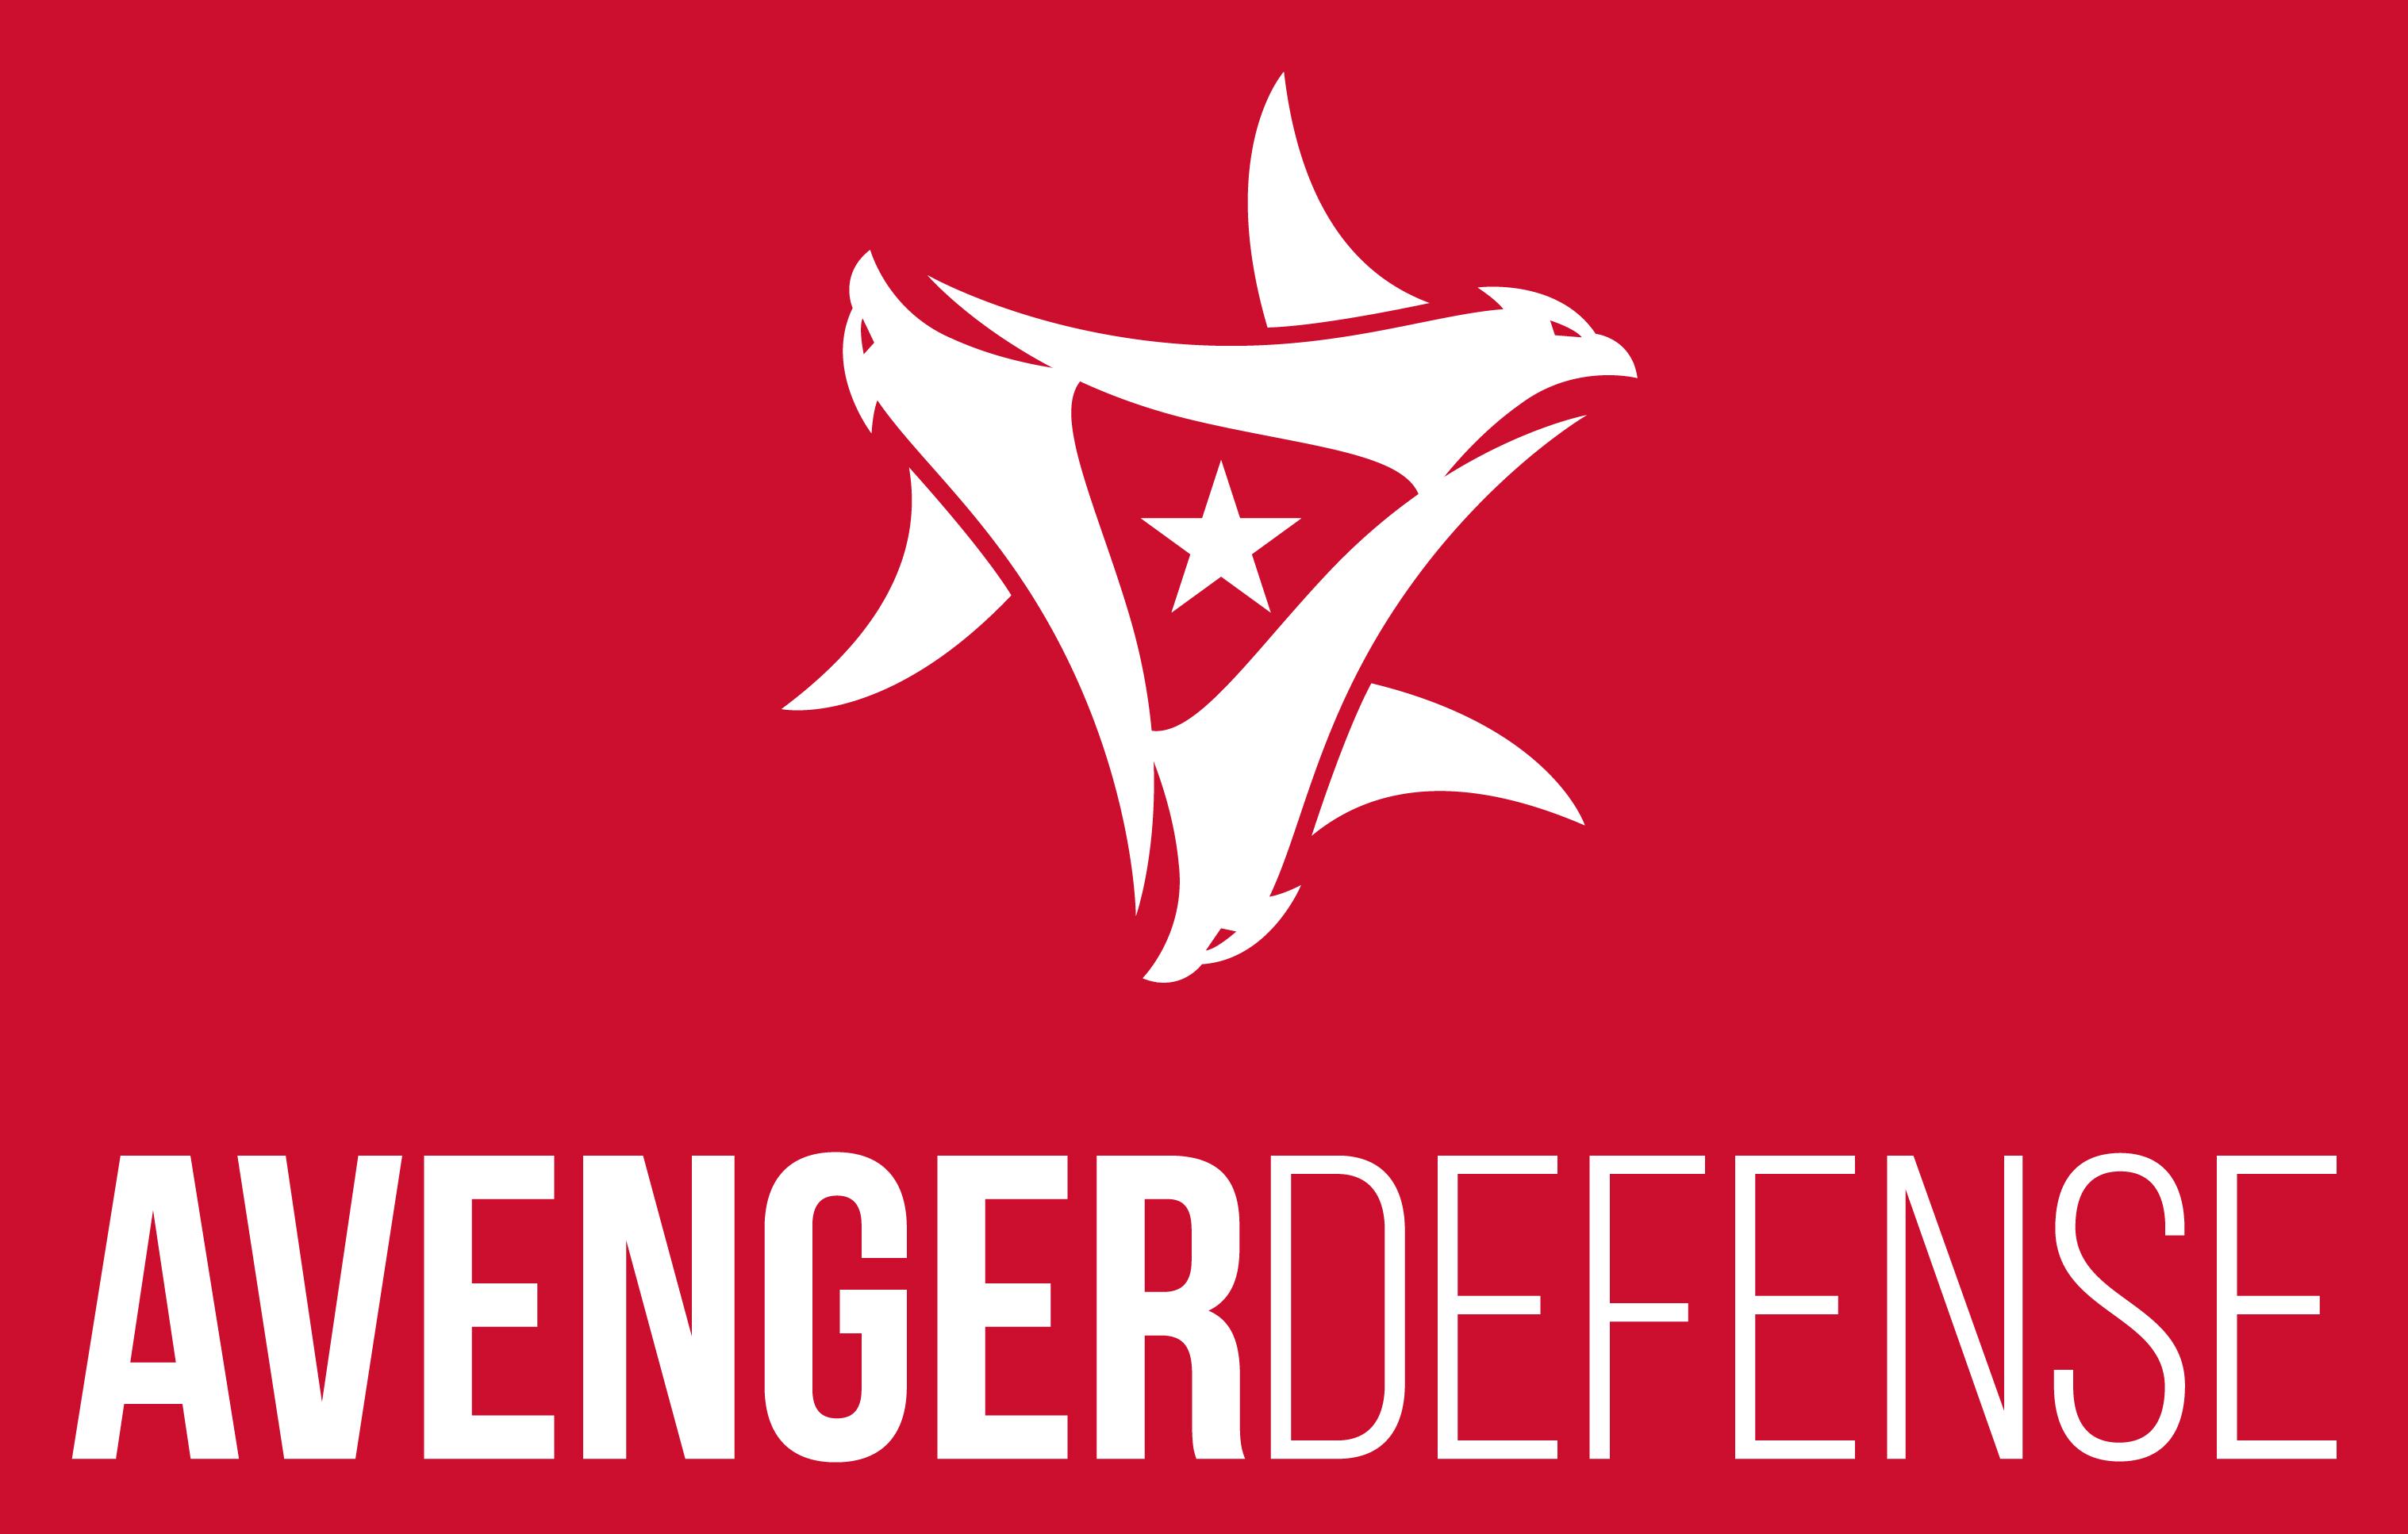 avenger defense